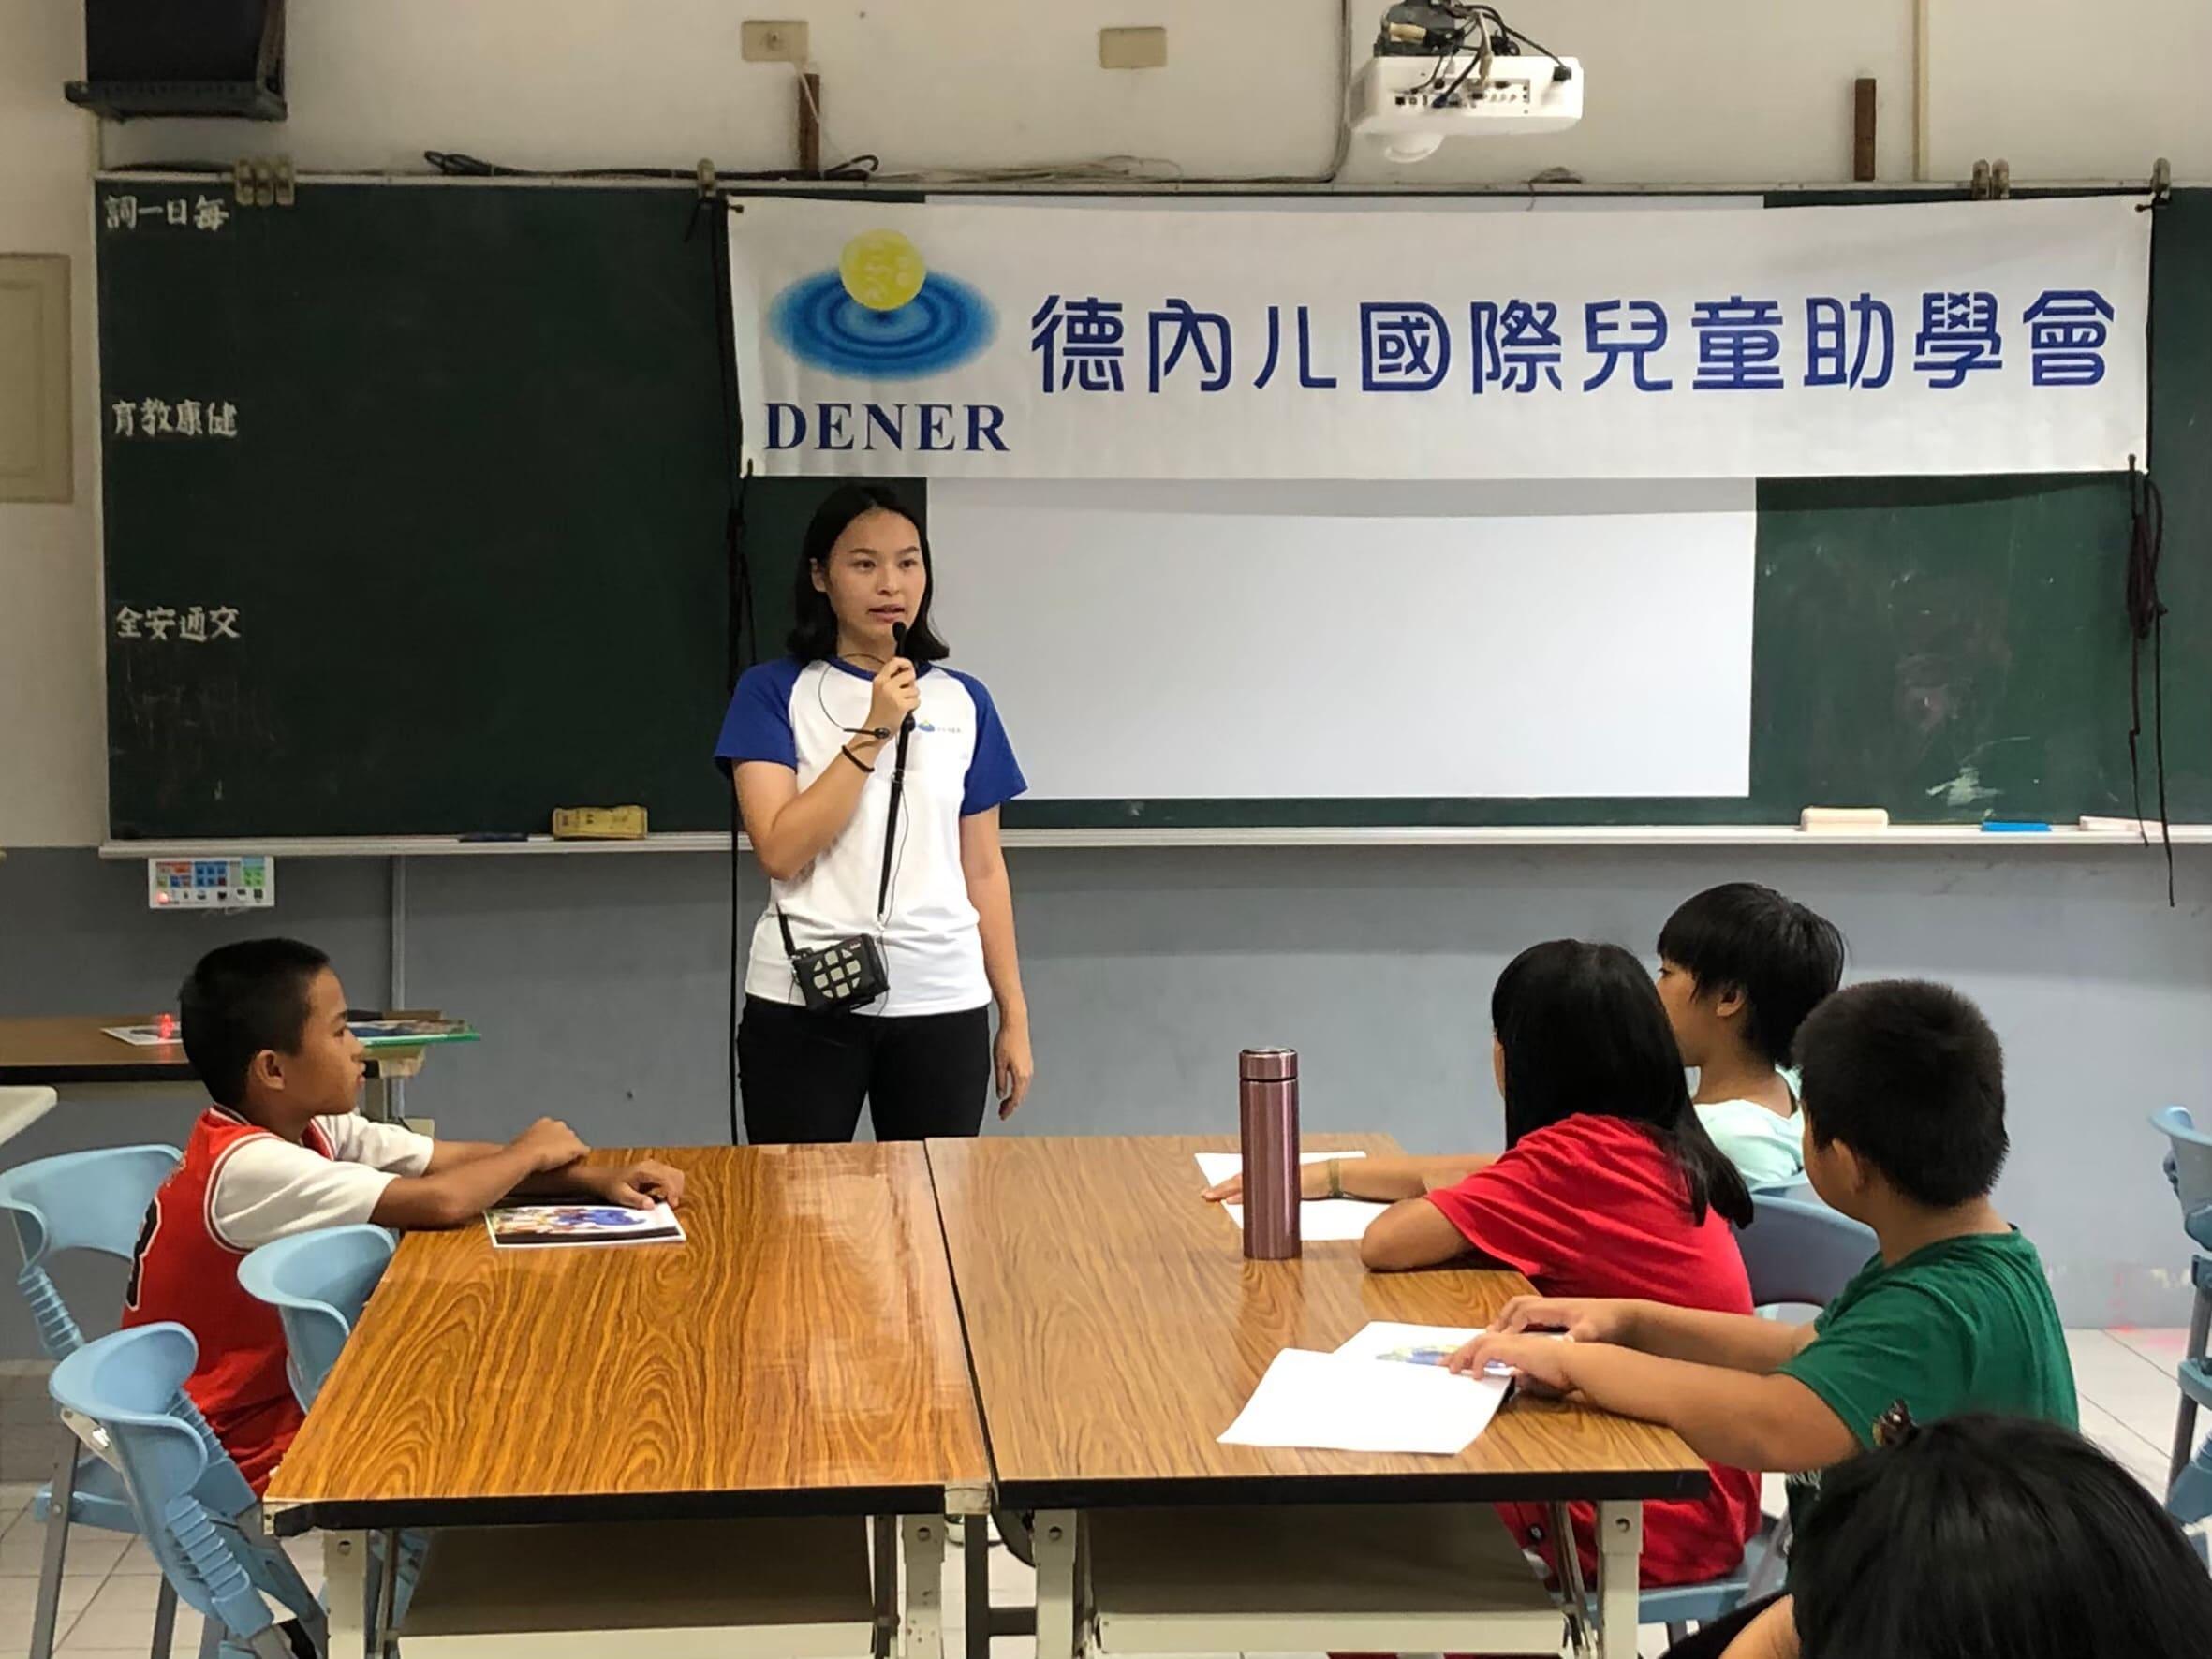 互助國小 種子老師心得-特殊的教學體驗